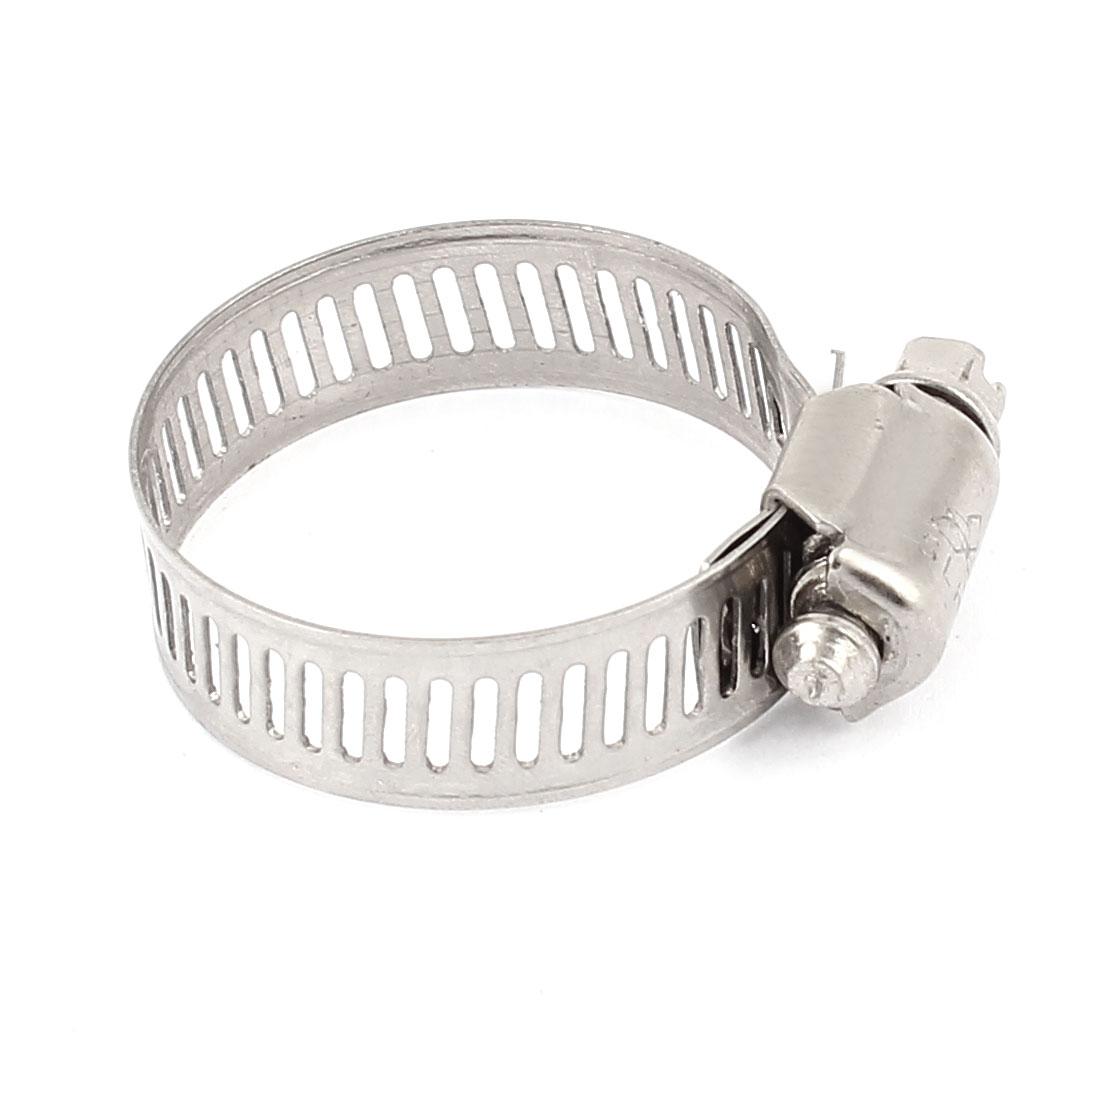 Metal Worm Drive Adjustable Pipe Ducting Hose Clamp Hoop 21-38mm